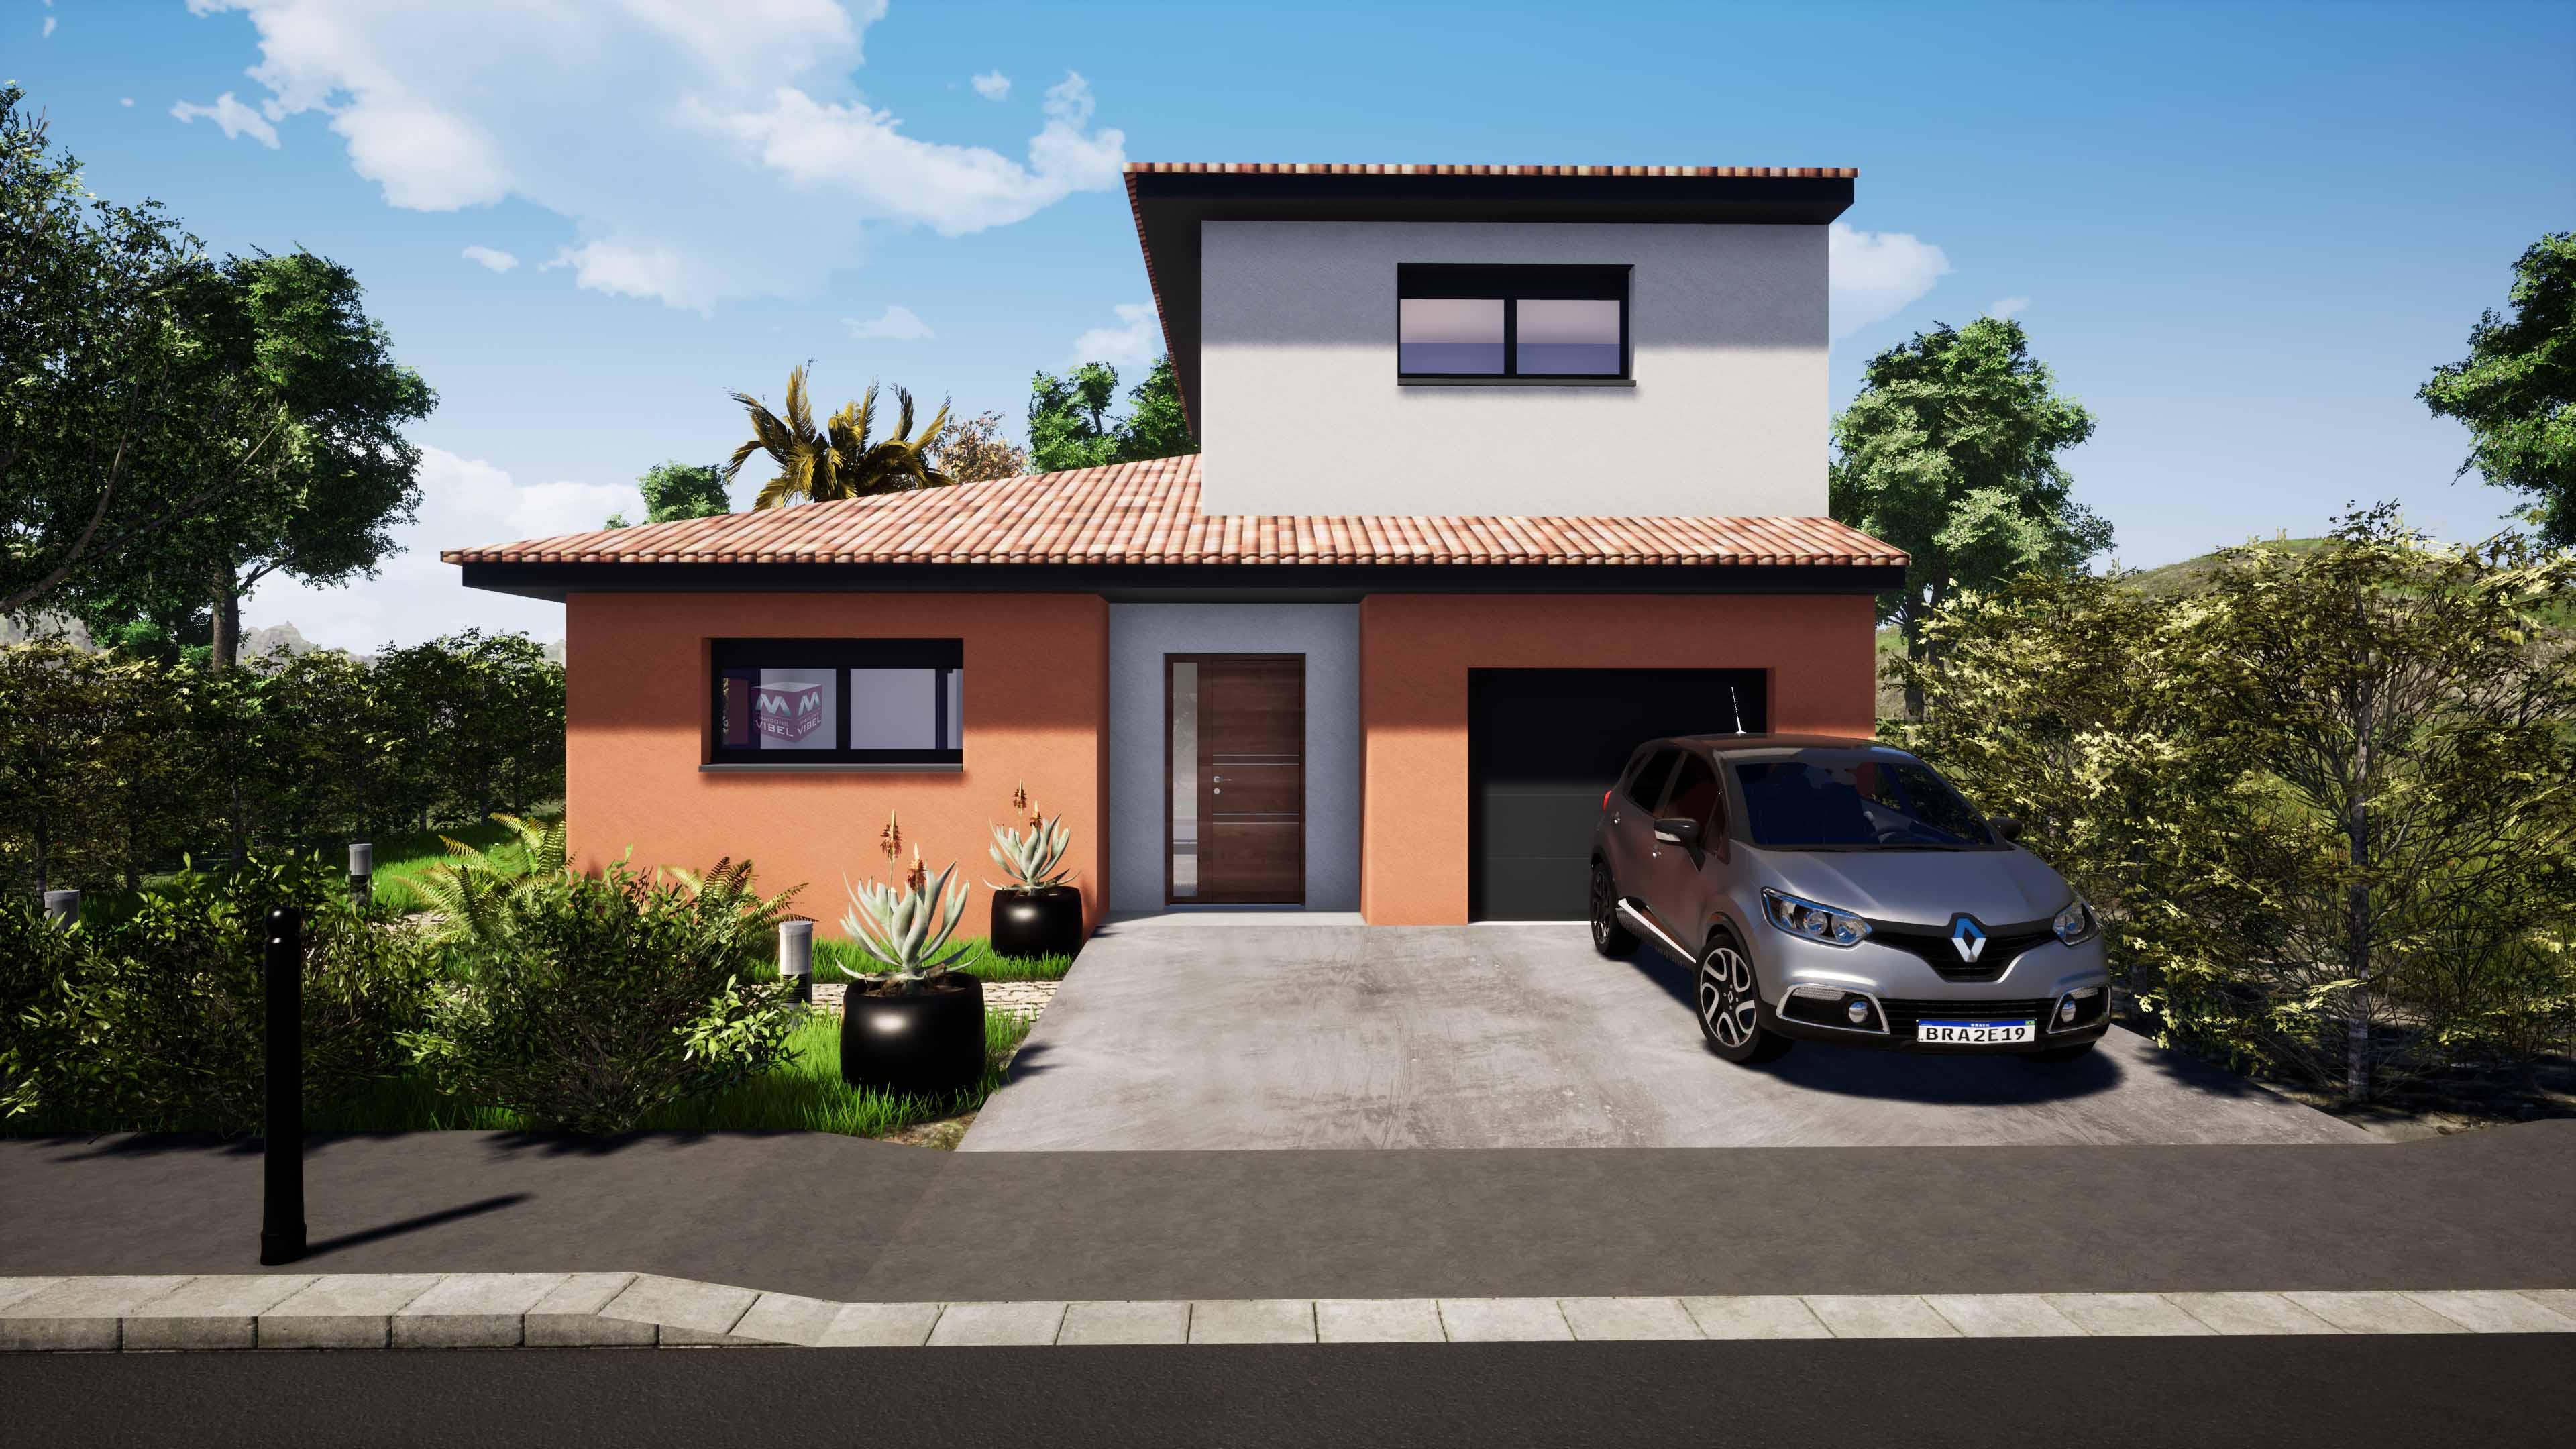 Maisons + Terrains du constructeur MAISONS VIBEL • 95 m² • THUIR